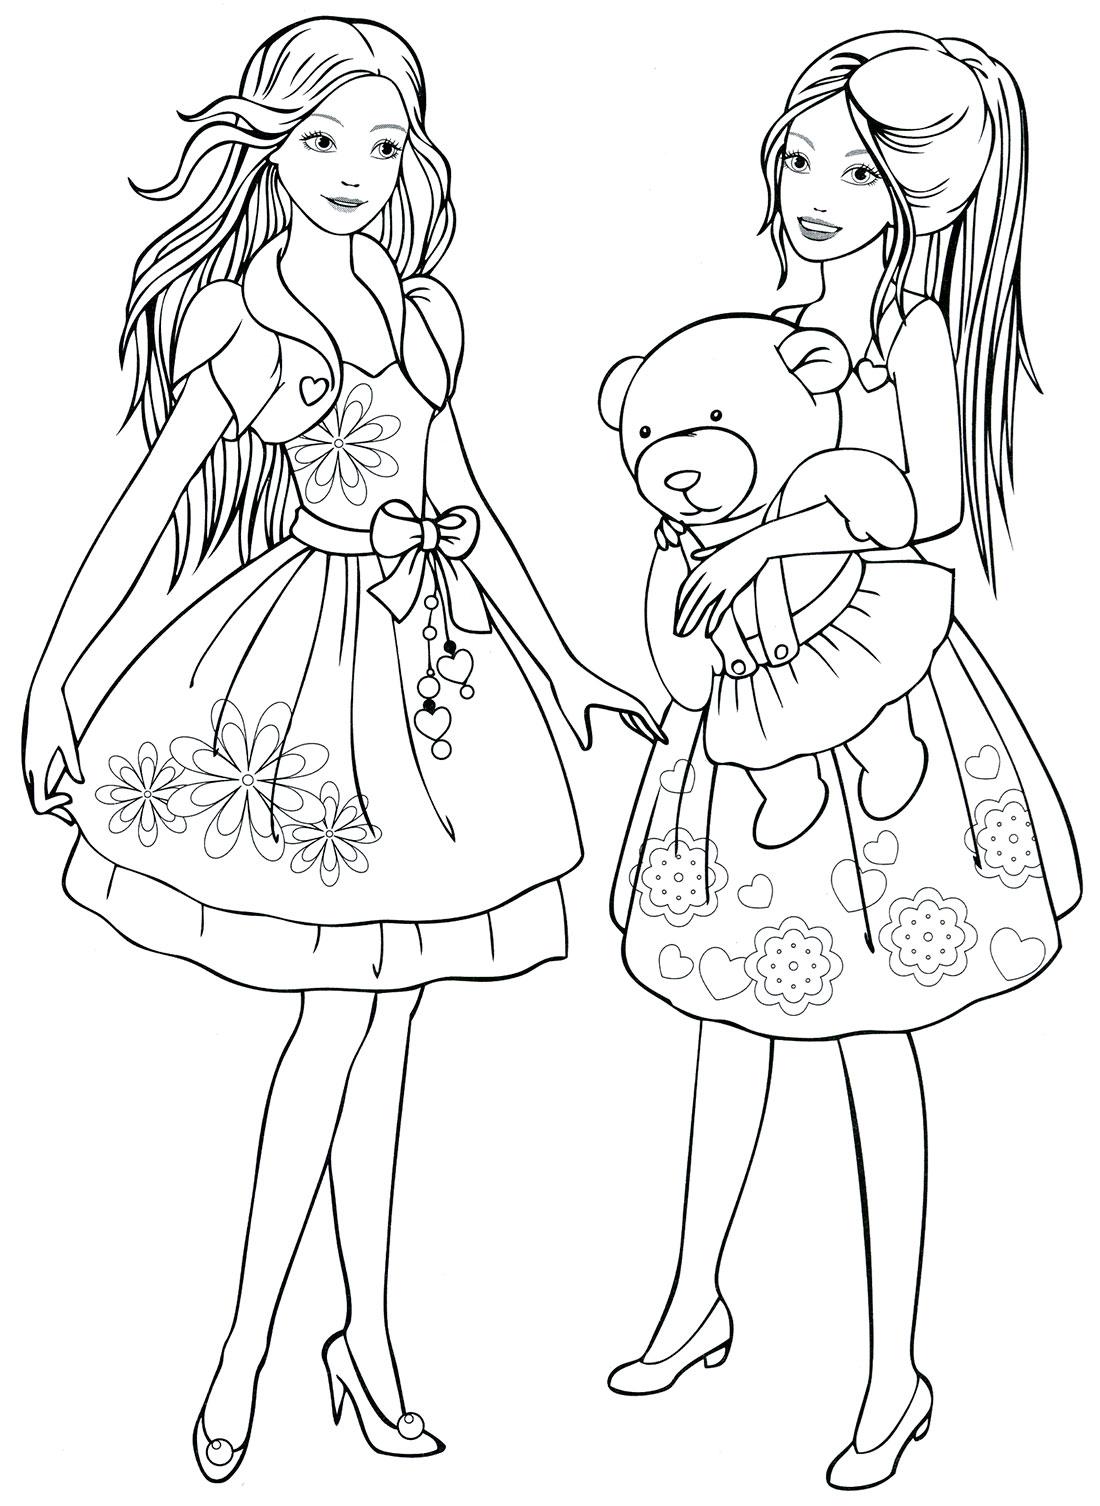 Девочки в платье с медвежонком Раскраски для девочек распечатать